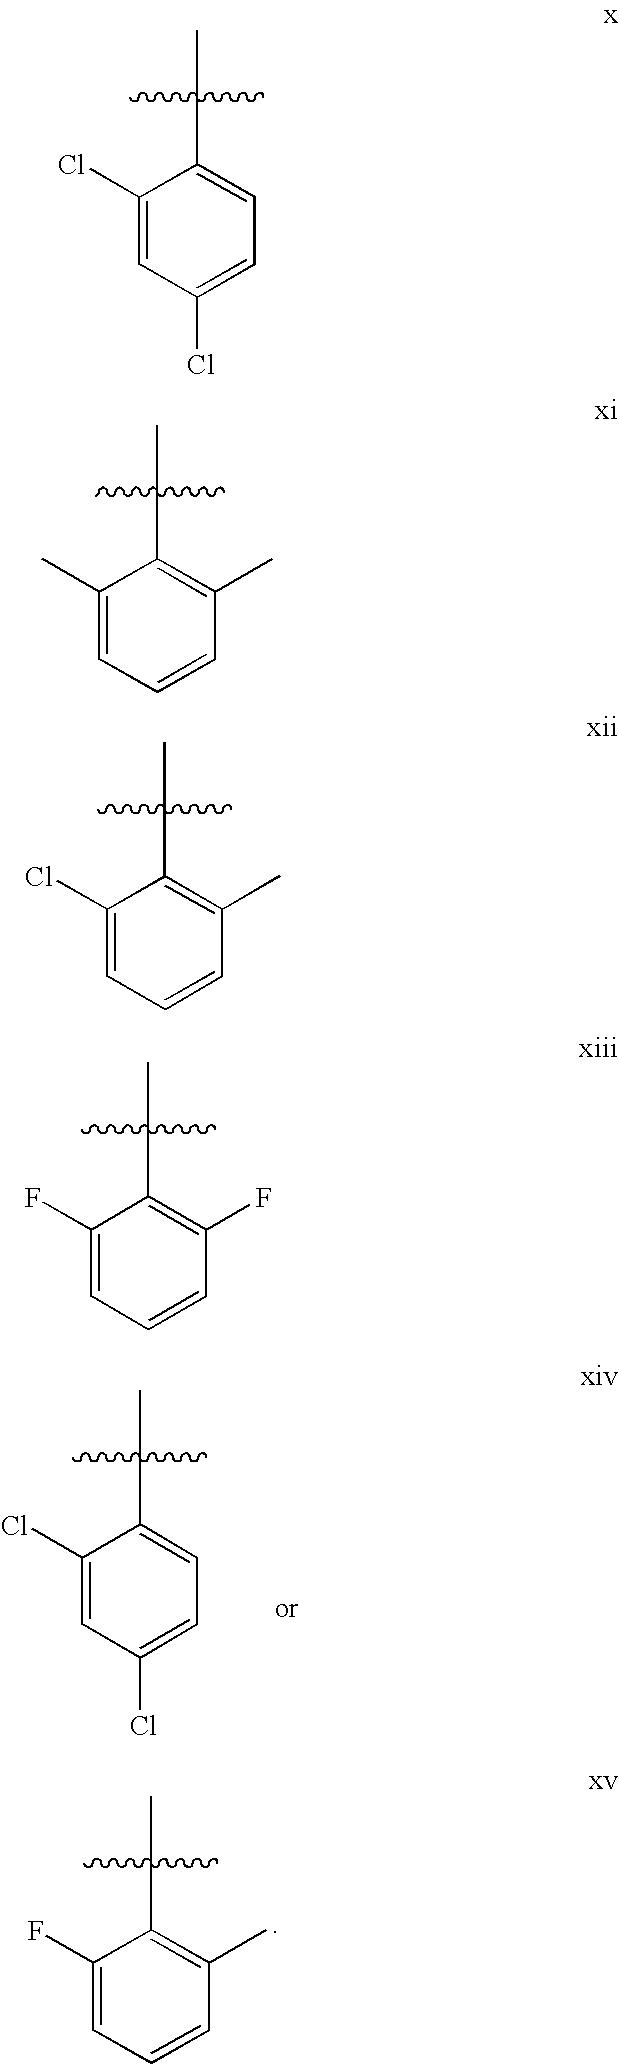 Figure US07396857-20080708-C00021